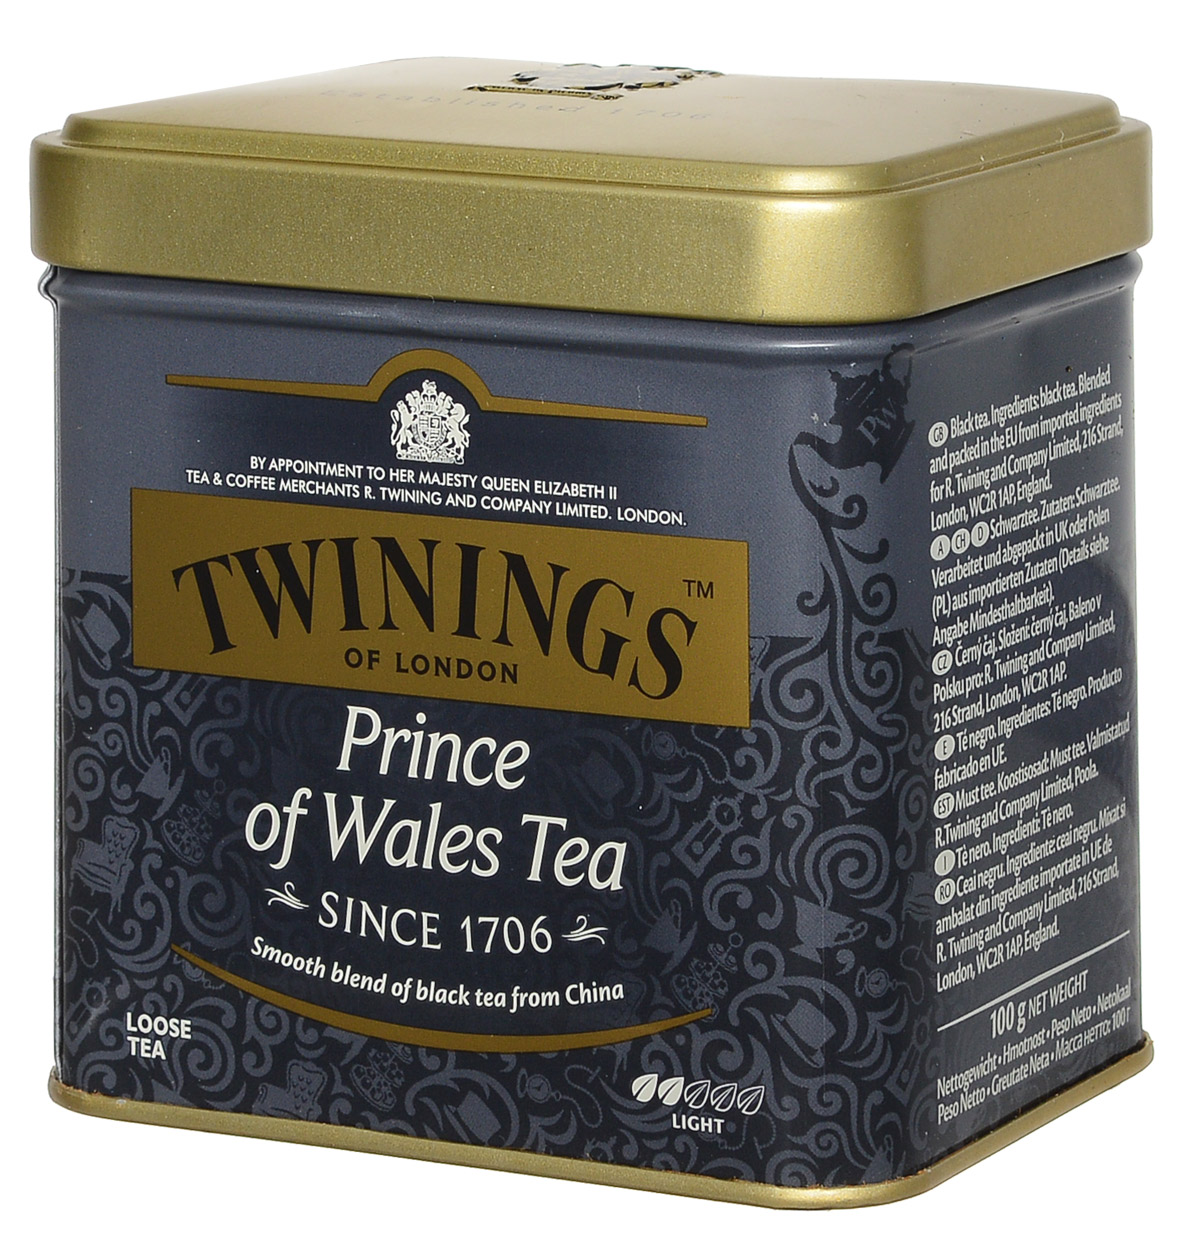 Twinings Prince Of Wales Tea черный листовой чай, 100 г (ж/б)71368-00Чай Twinings Prince Of Wales Tea был специально создан для Его Королевского Высочества Принца Уэльского в 1921 году. Это специальная смесь чая, тщательно отобранного из провинции Цзянси, Аньхой и Юньнань в Китае, где на большой высоте горные туманы защищают чайный куст от чрезмерного солнечного света, образуя идеальные условия для чайного листа и развития почек. Чай из этих провинций создает ароматную смесь, красно-коричневого цвета и имеет легкий, мягкий вкус и слегка древесный оттенок. Идеально подходит для прохладного осеннего дня или холодного зимнего вечера. Этот мягкий чай наполнит вас чувством обновления.